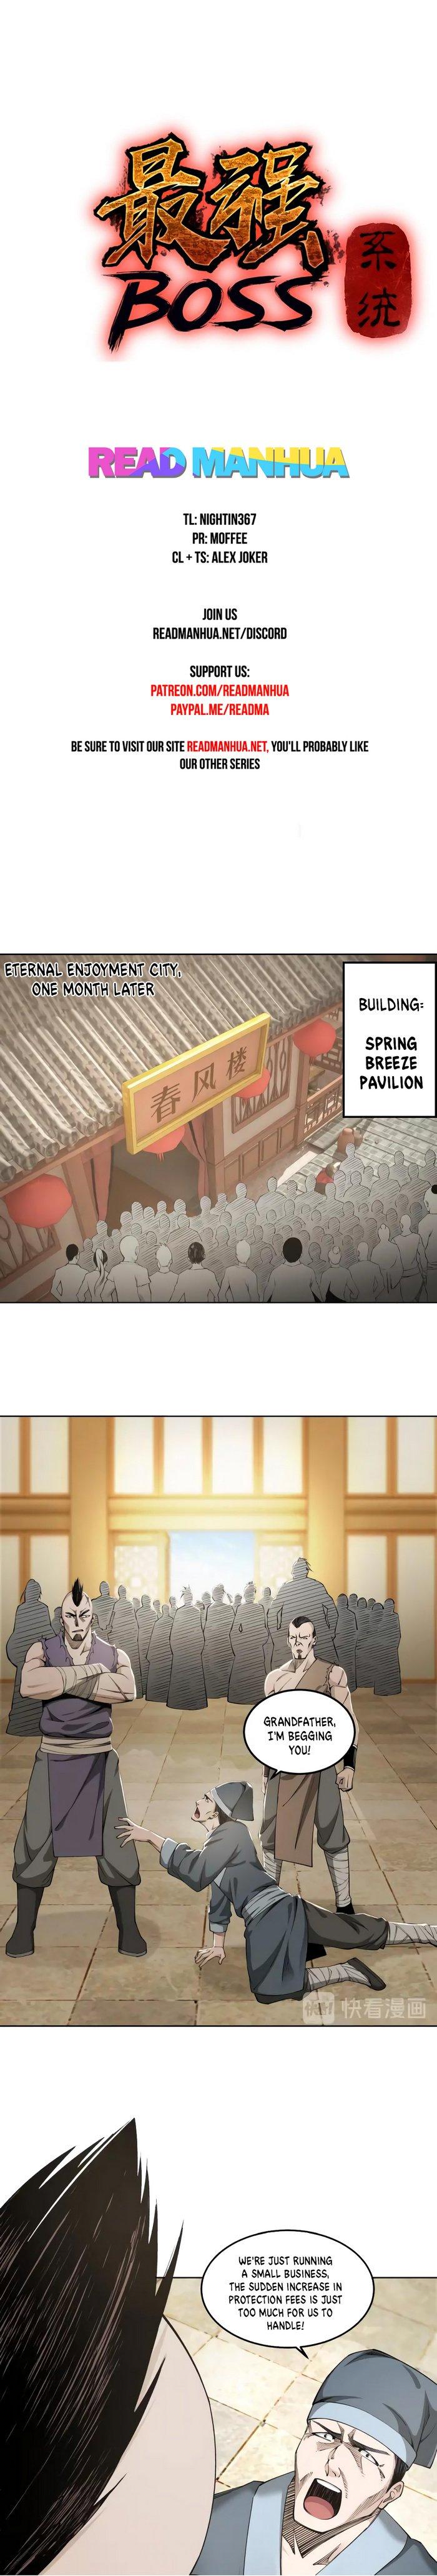 https://img2.nineanime.com/comics/pic4/25/34713/1662502/b59ffbc43136827b43007b926f68fb13.jpg Page 1